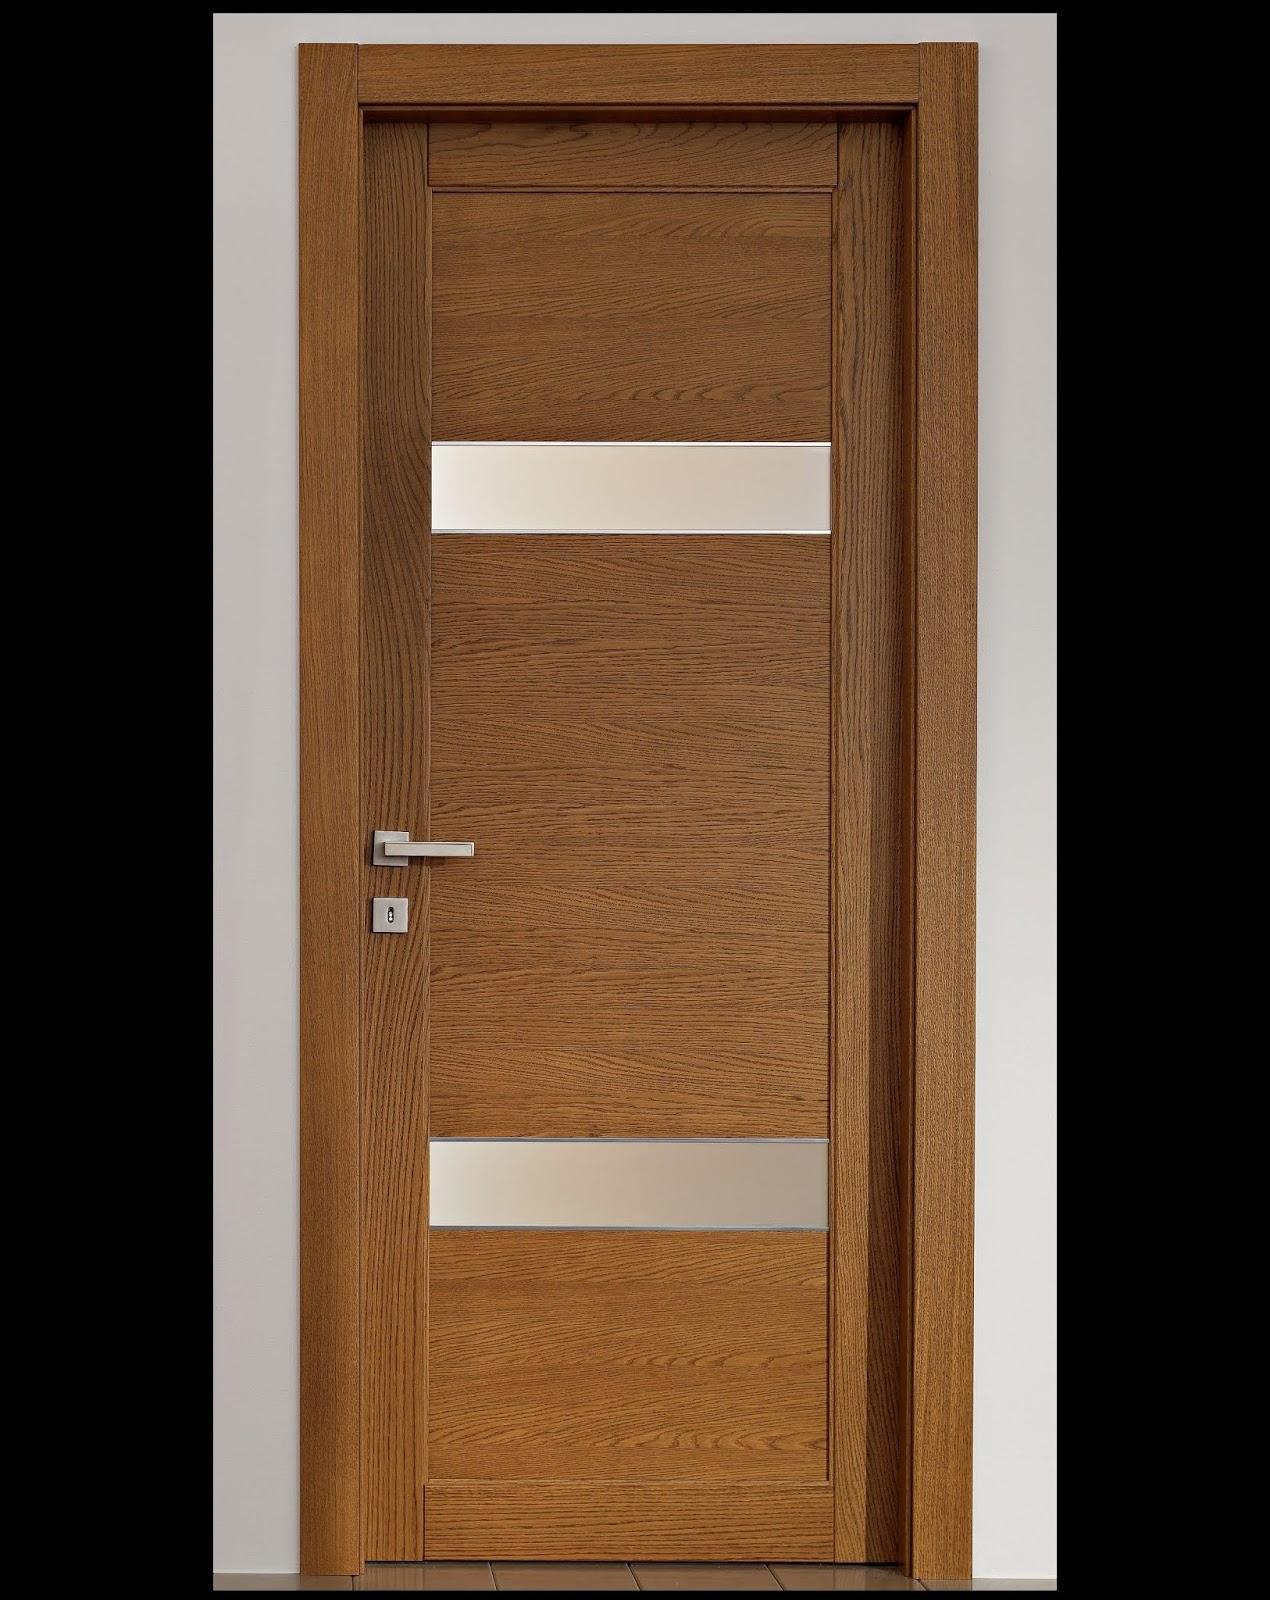 Get Desain Kamar Mandi Dua Pintu Images | SiPeti